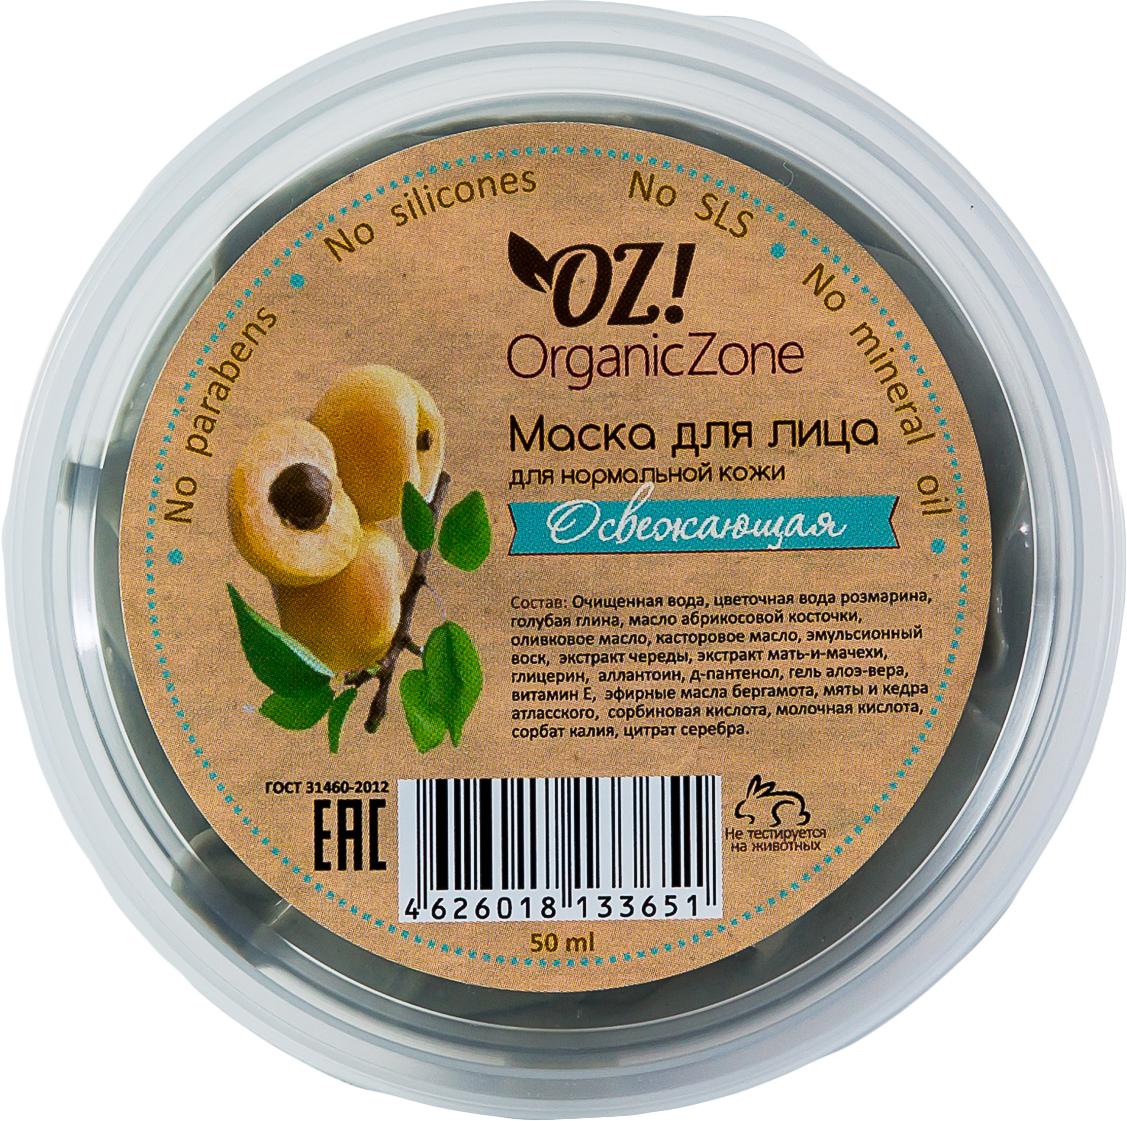 OrganicZone Маска для лица Освежающая, 50 мл оливковое масло для кожи